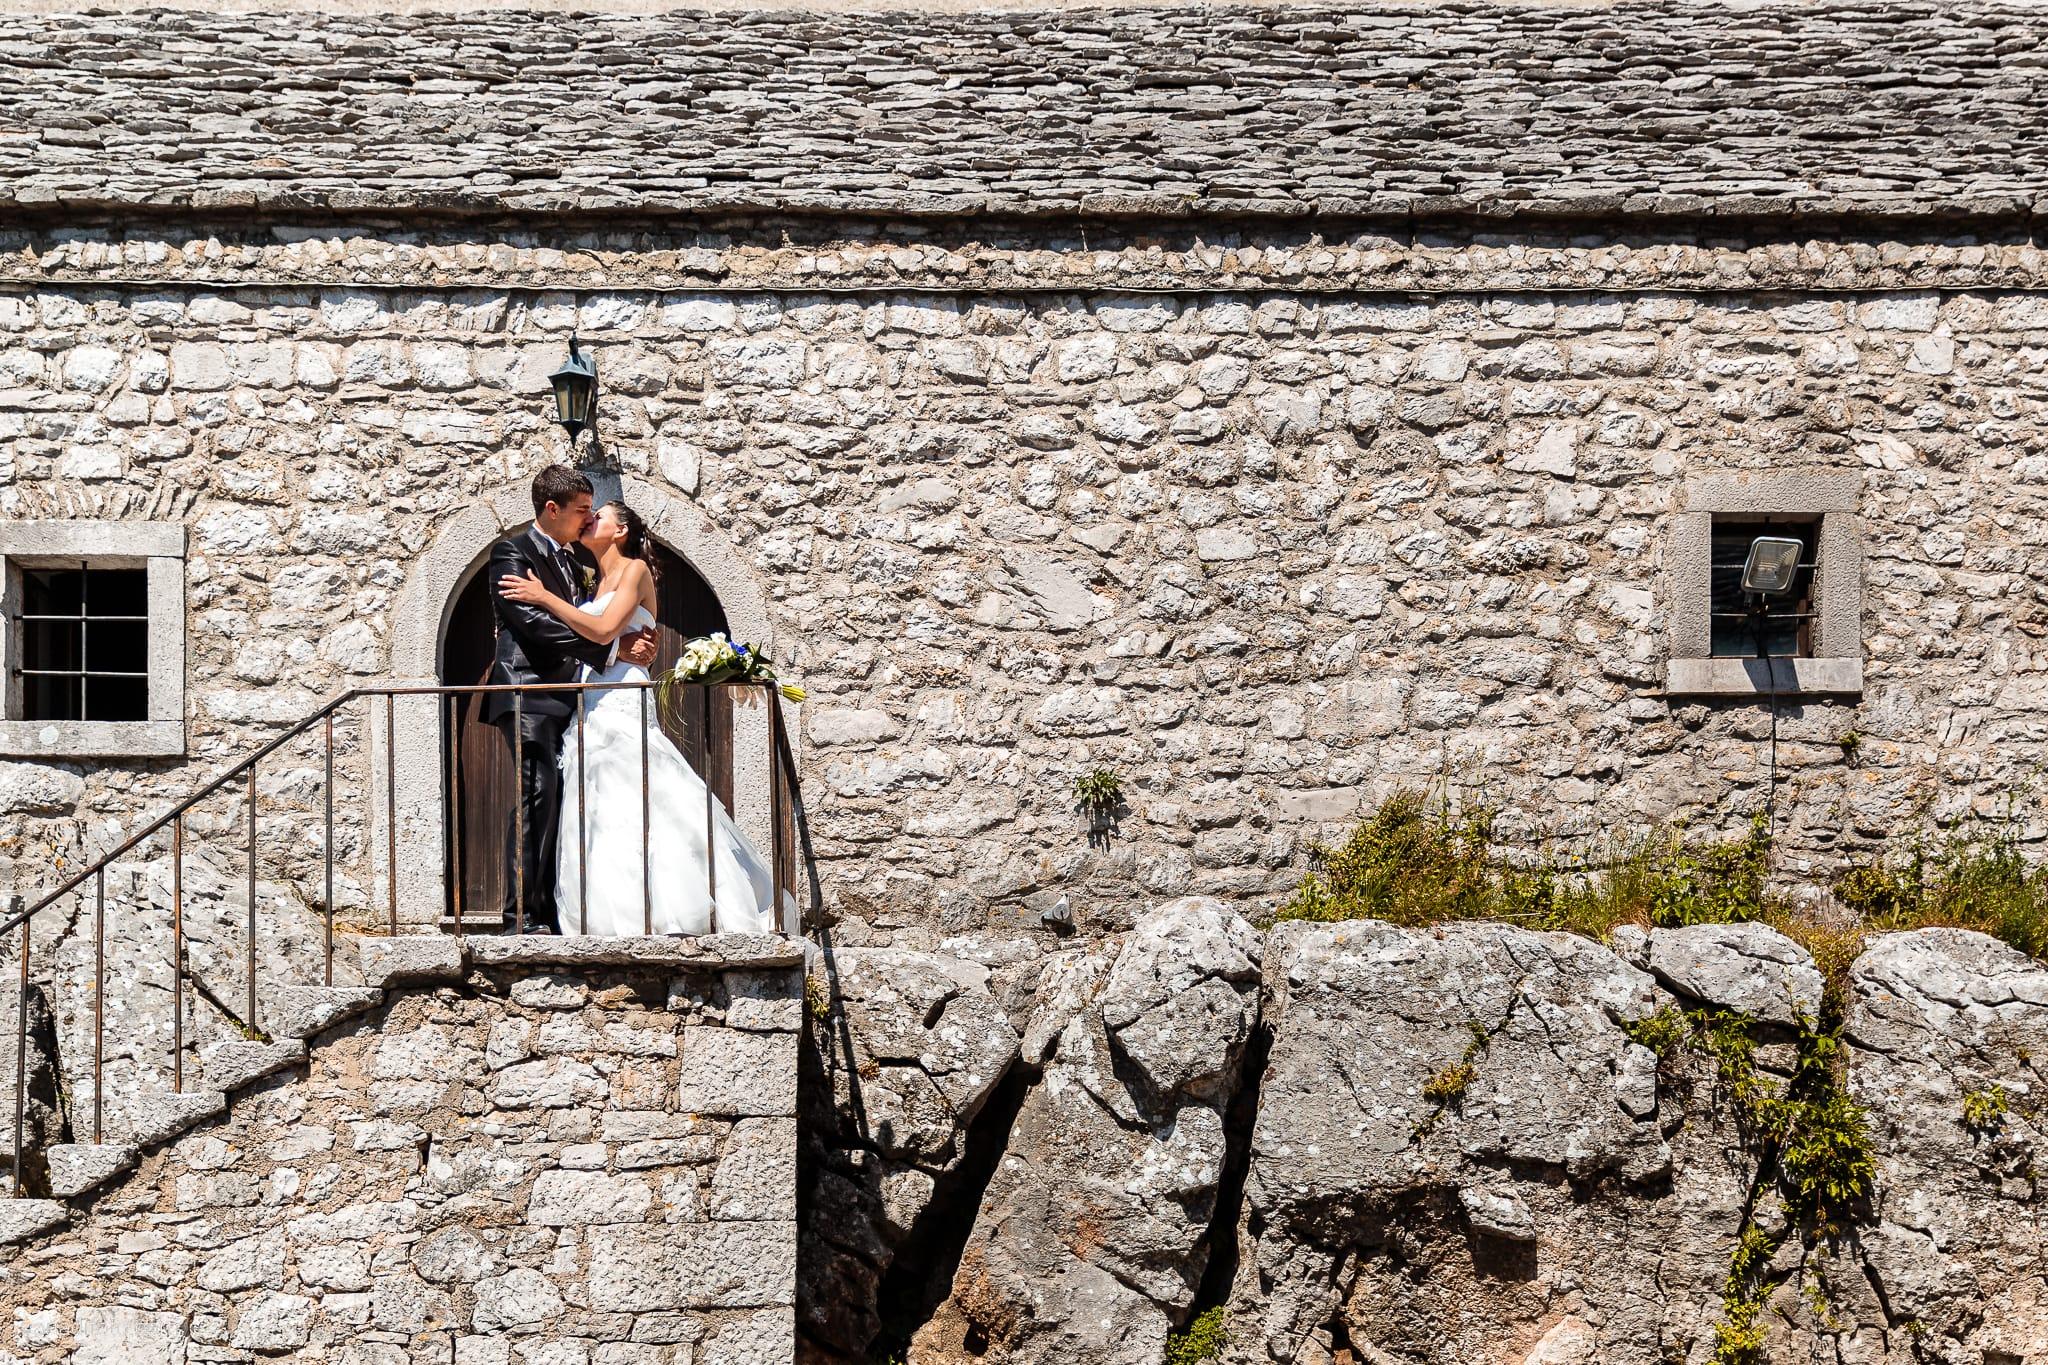 Fiordaliso Andrea matrimonio Salvia Rosmarino Trieste ritratti sposi Monrupino